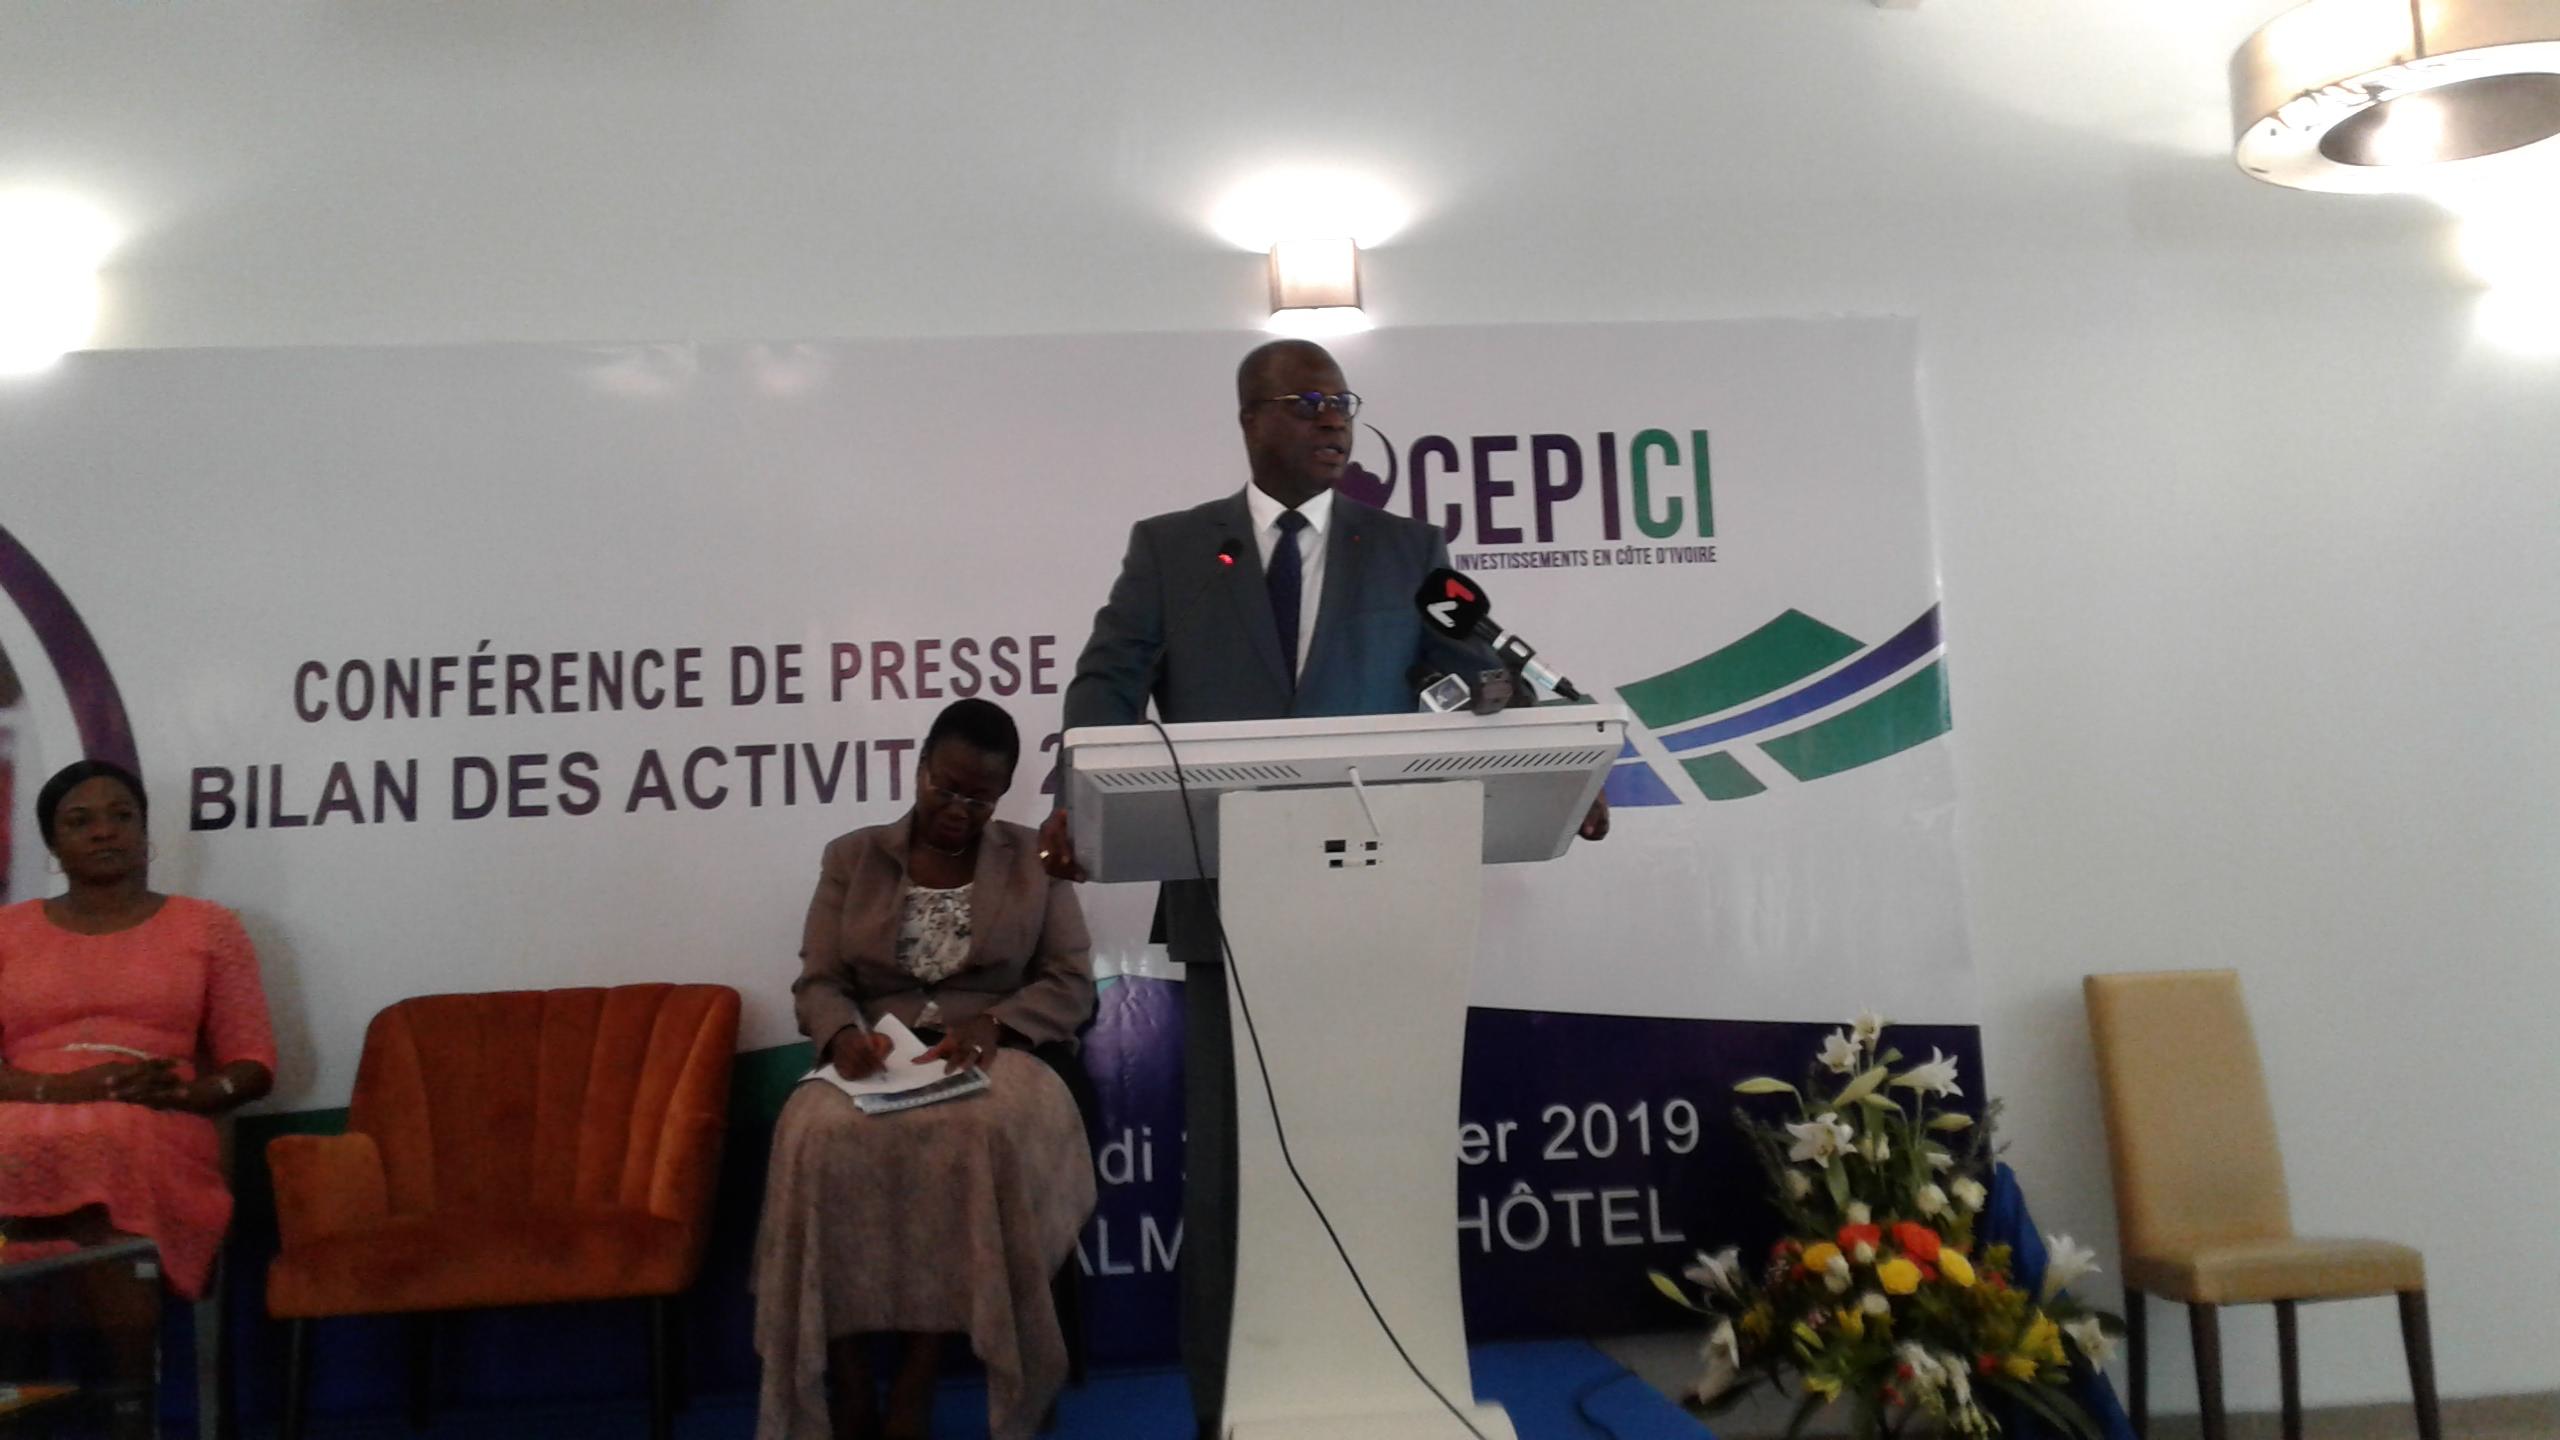 Côte d'Ivoire,Cepici,Bilan